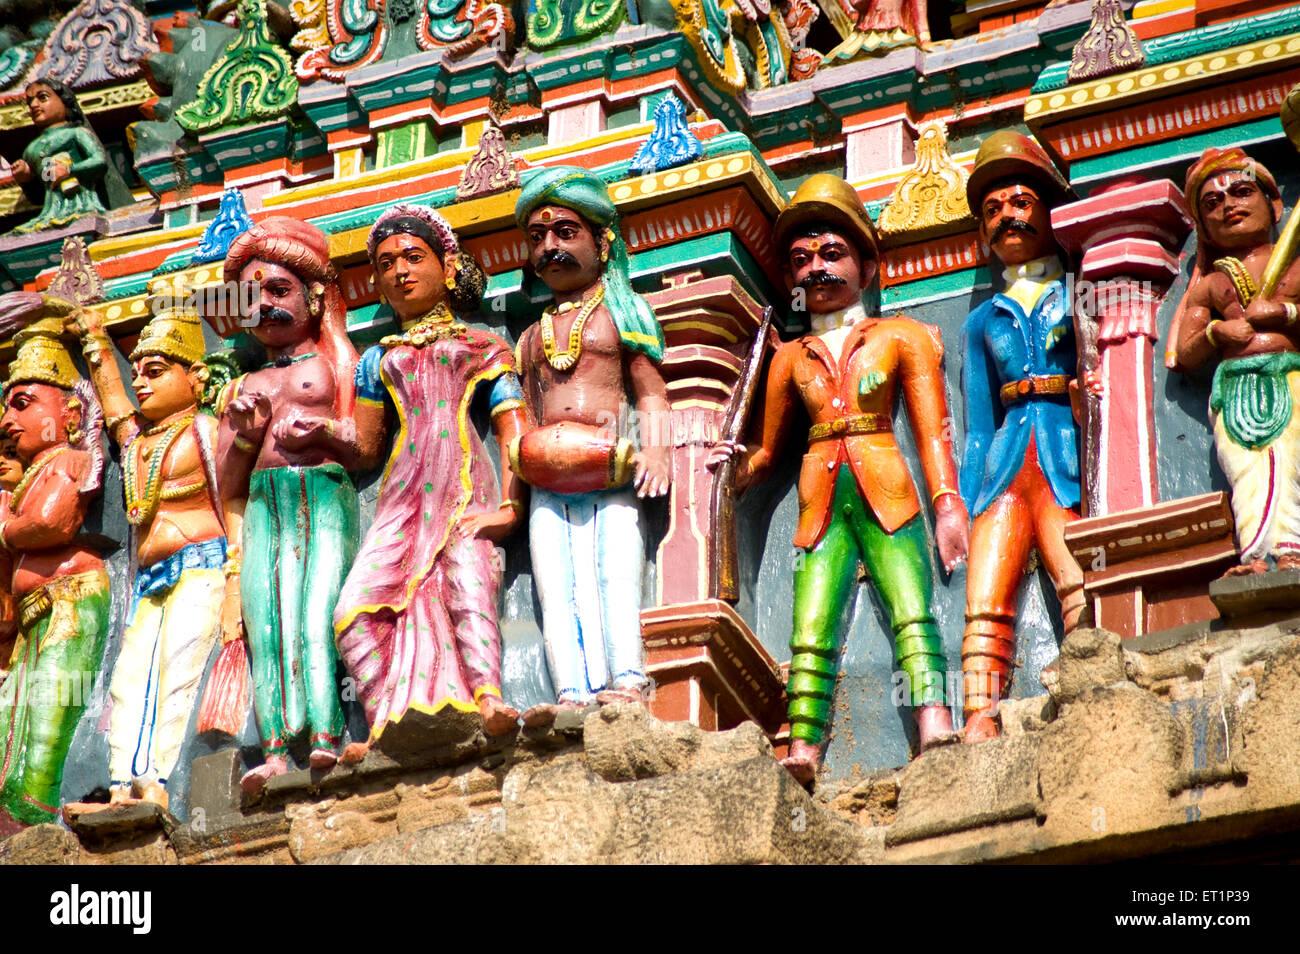 Richly painted stucco figures on gopuram of vishnu alagar kovil temple near Madurai ; Tamil Nadu India - Stock Image